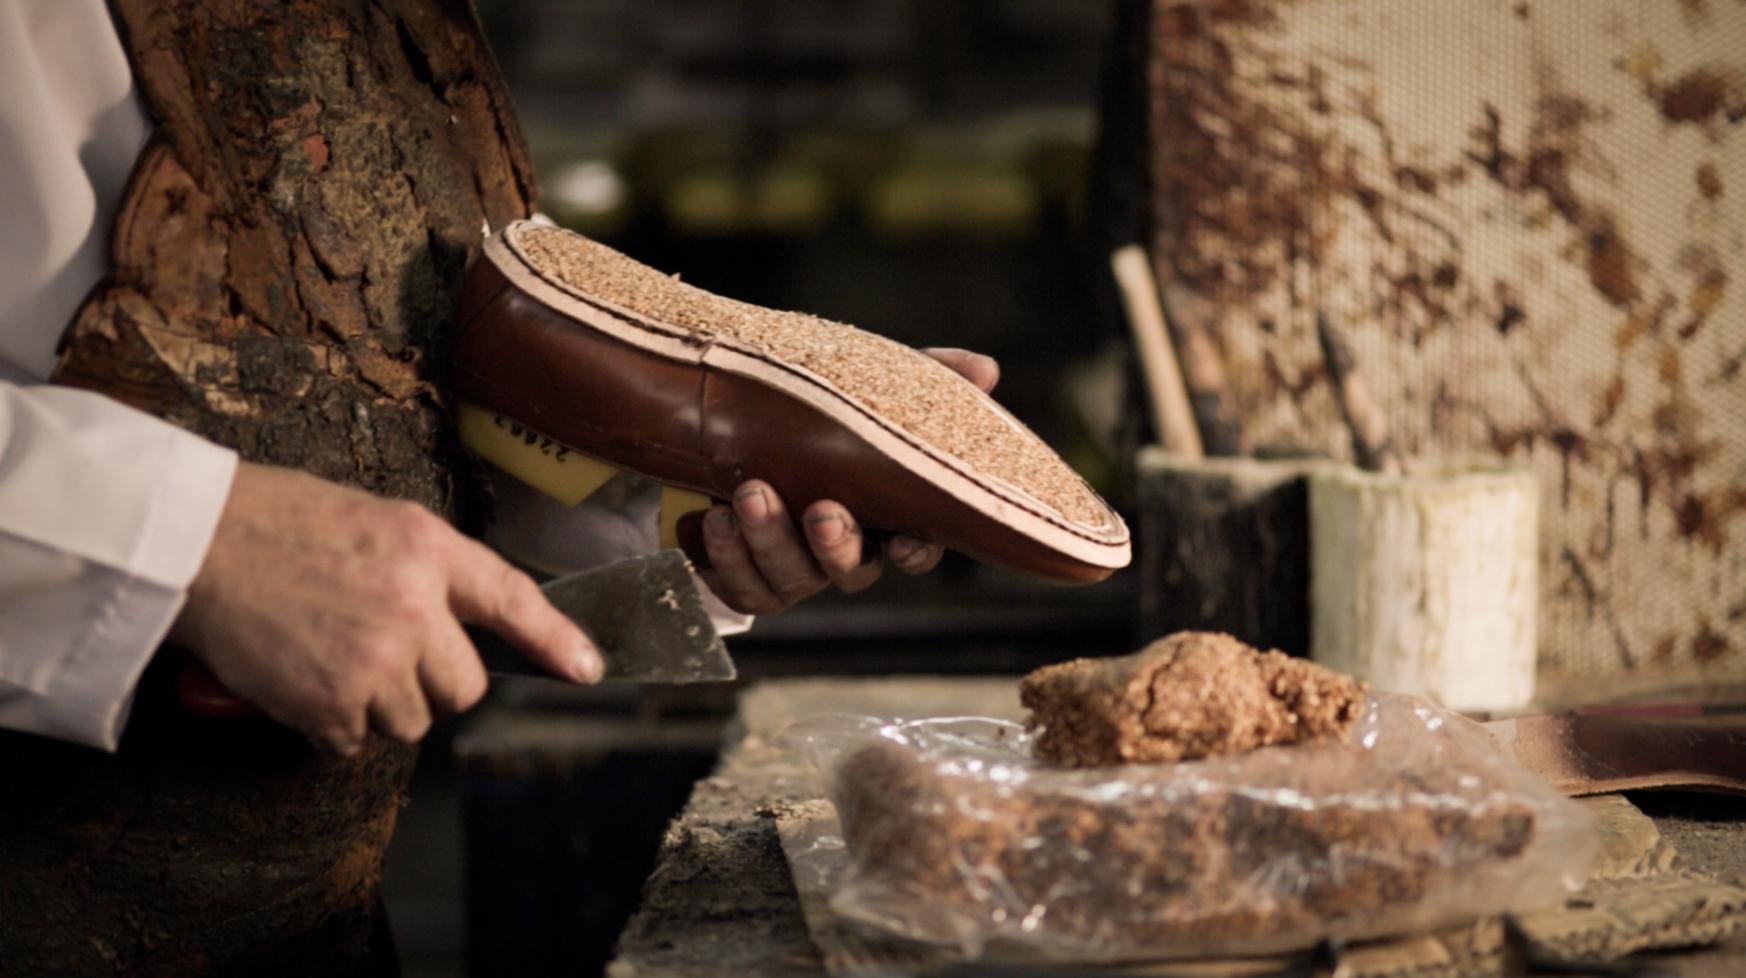 Elaboración artesanal del calzado